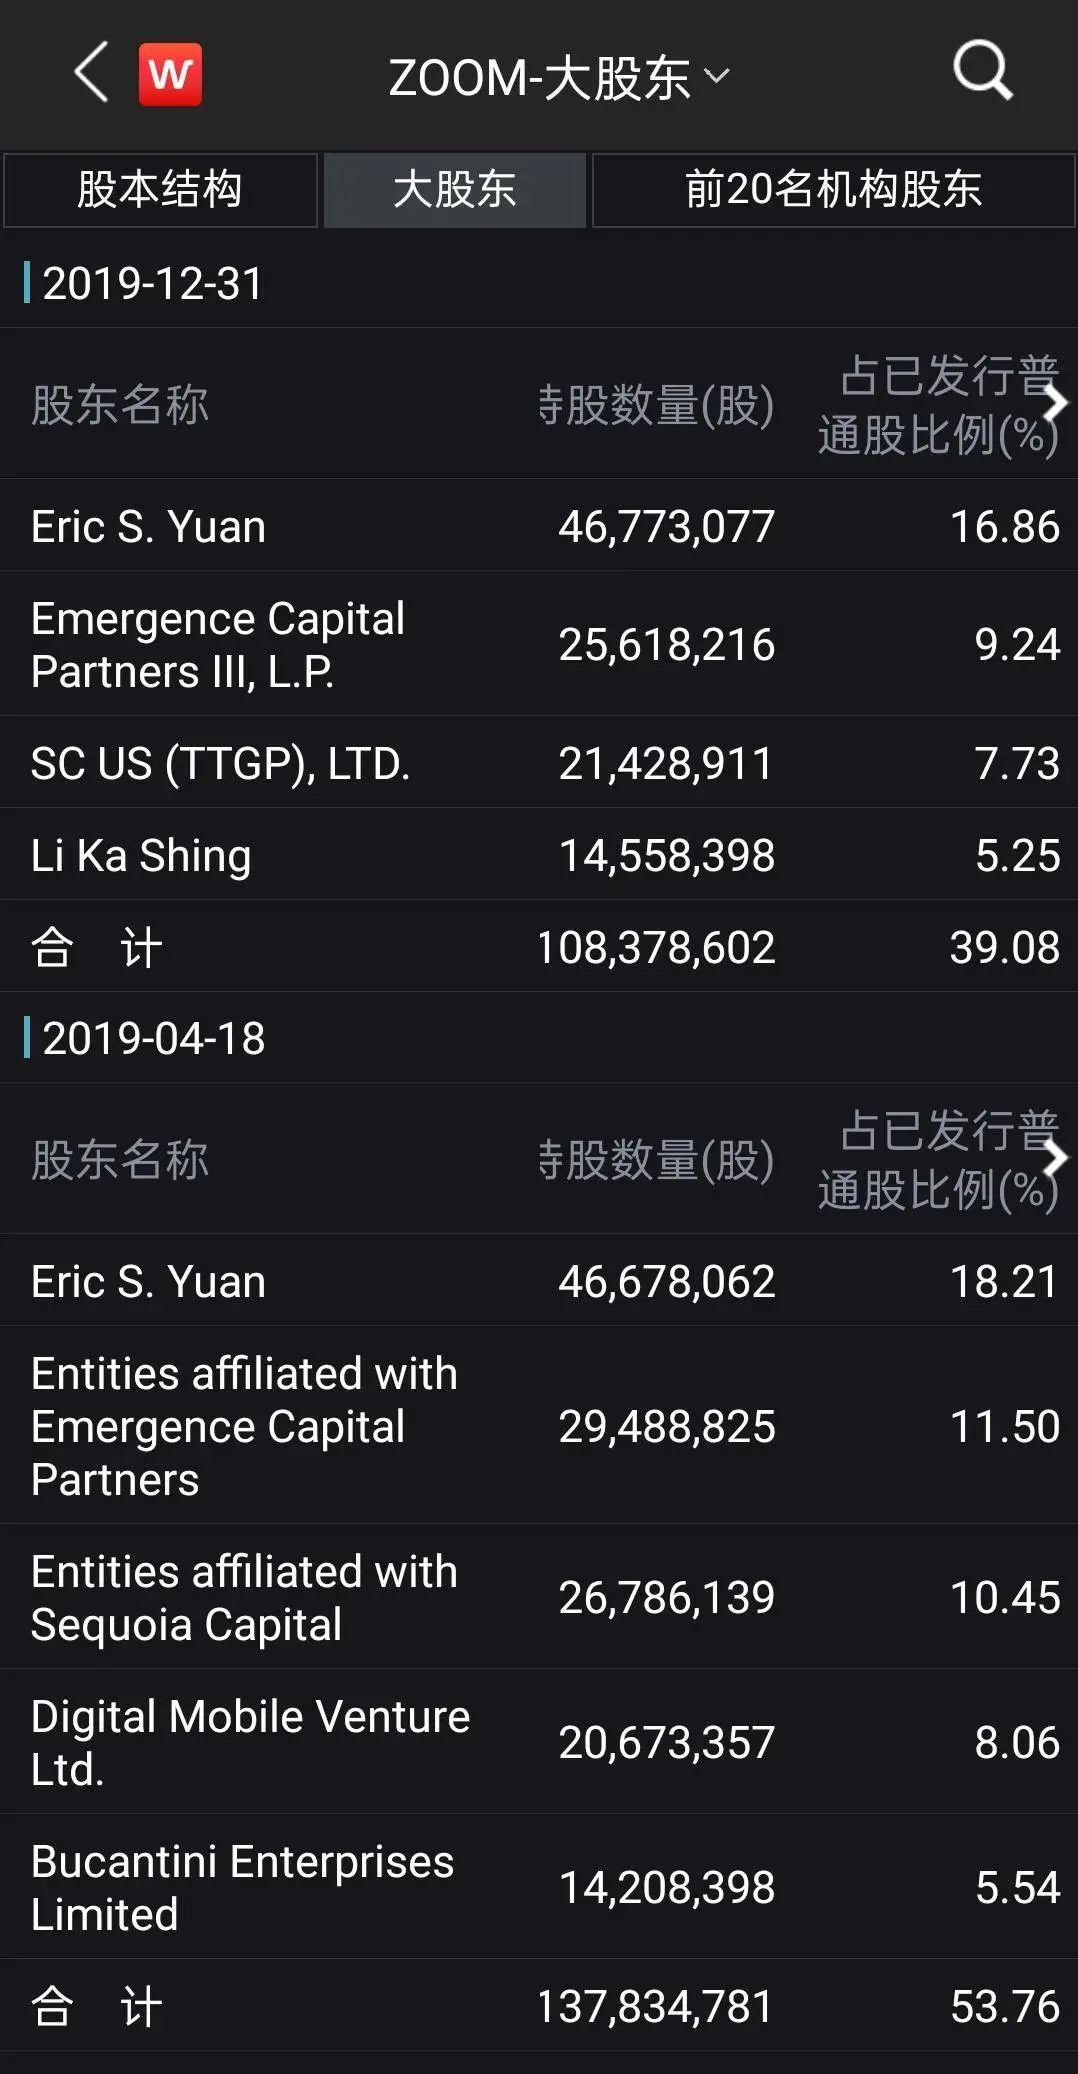 李嘉诚最成功的一笔投资:Zoom股份价值从850万美元到110亿美元